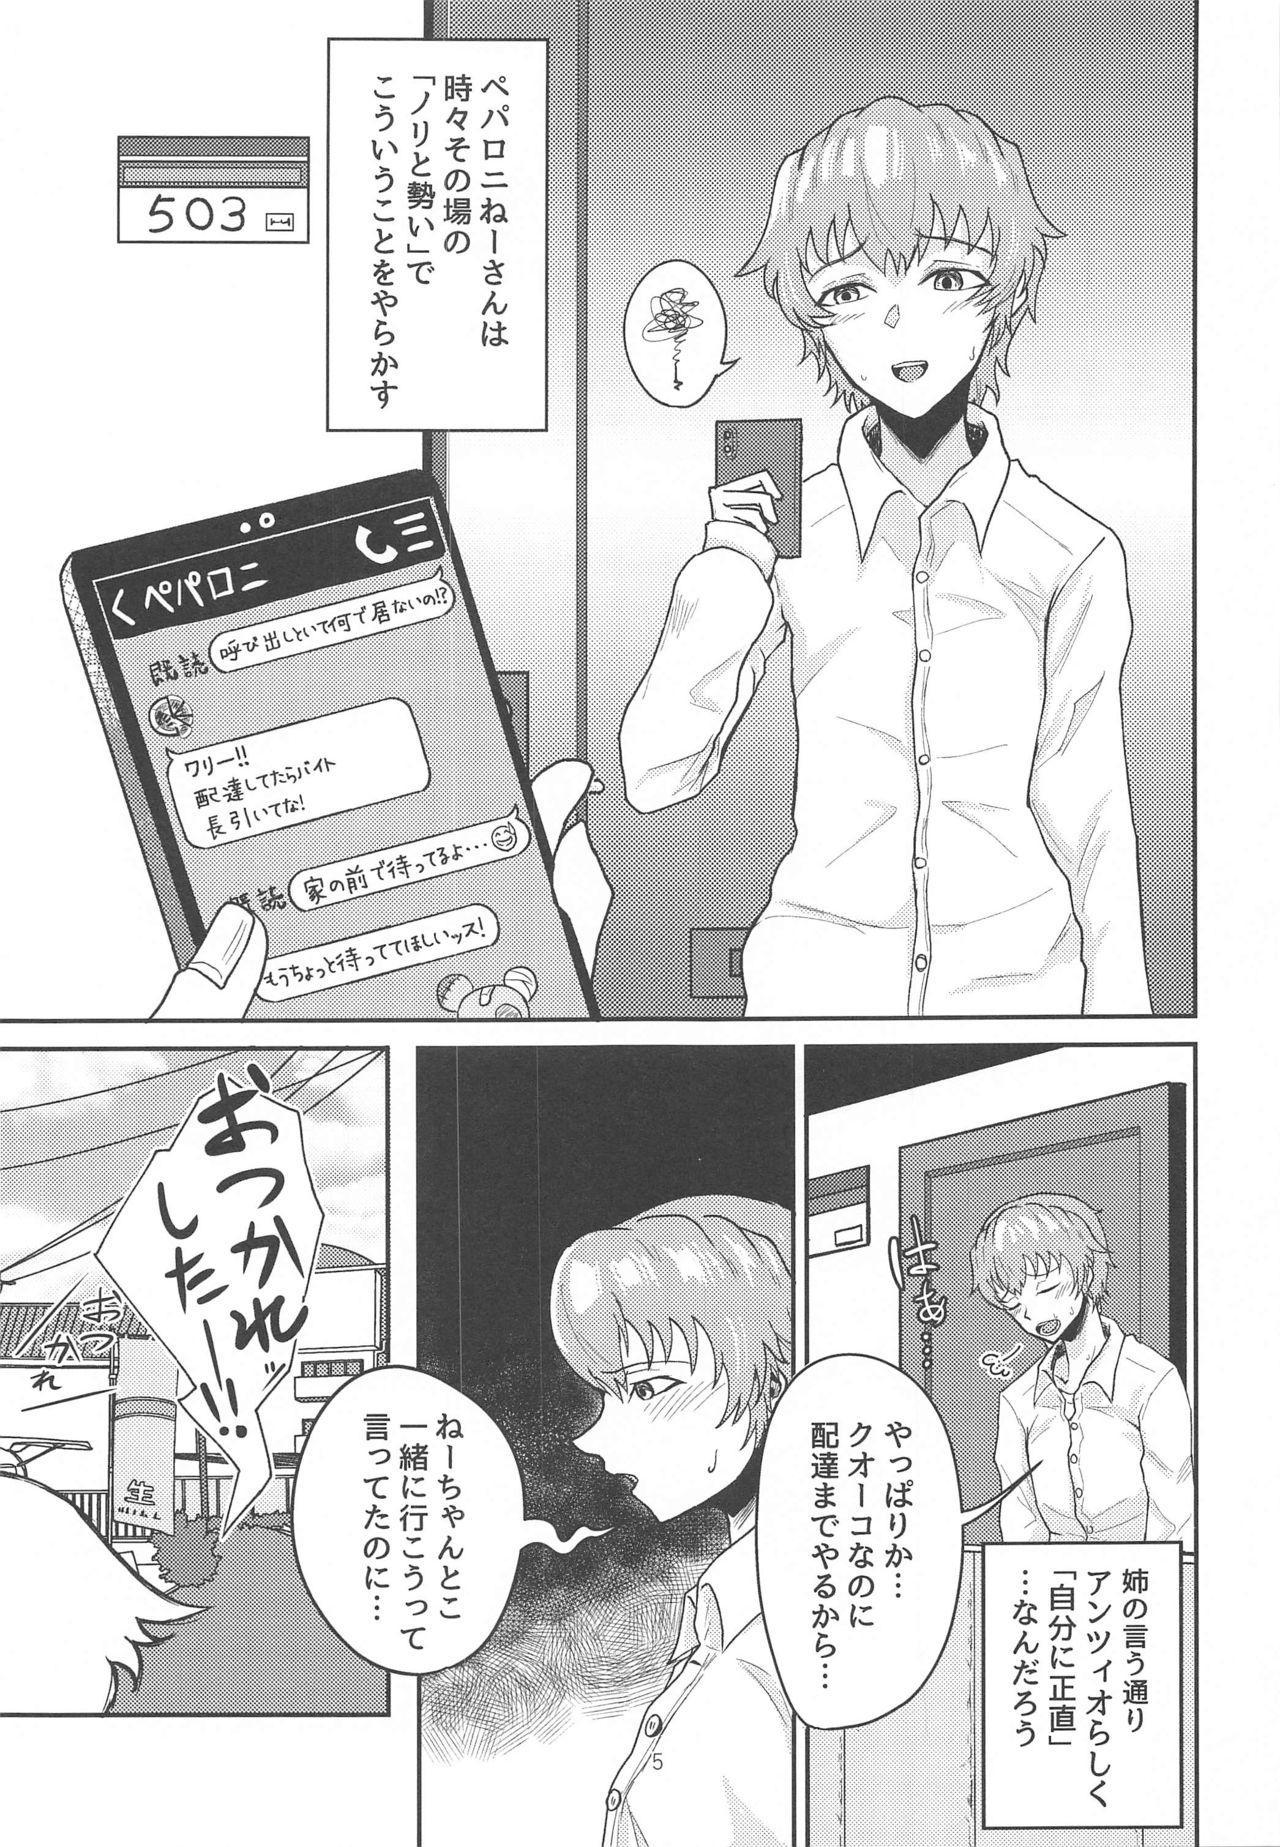 [Tatami Gurashi (Tatami Sanjou)] Tira mi su!! -Pepperoni Nee-san wa Tomaranai- (Girls und Panzer) 3